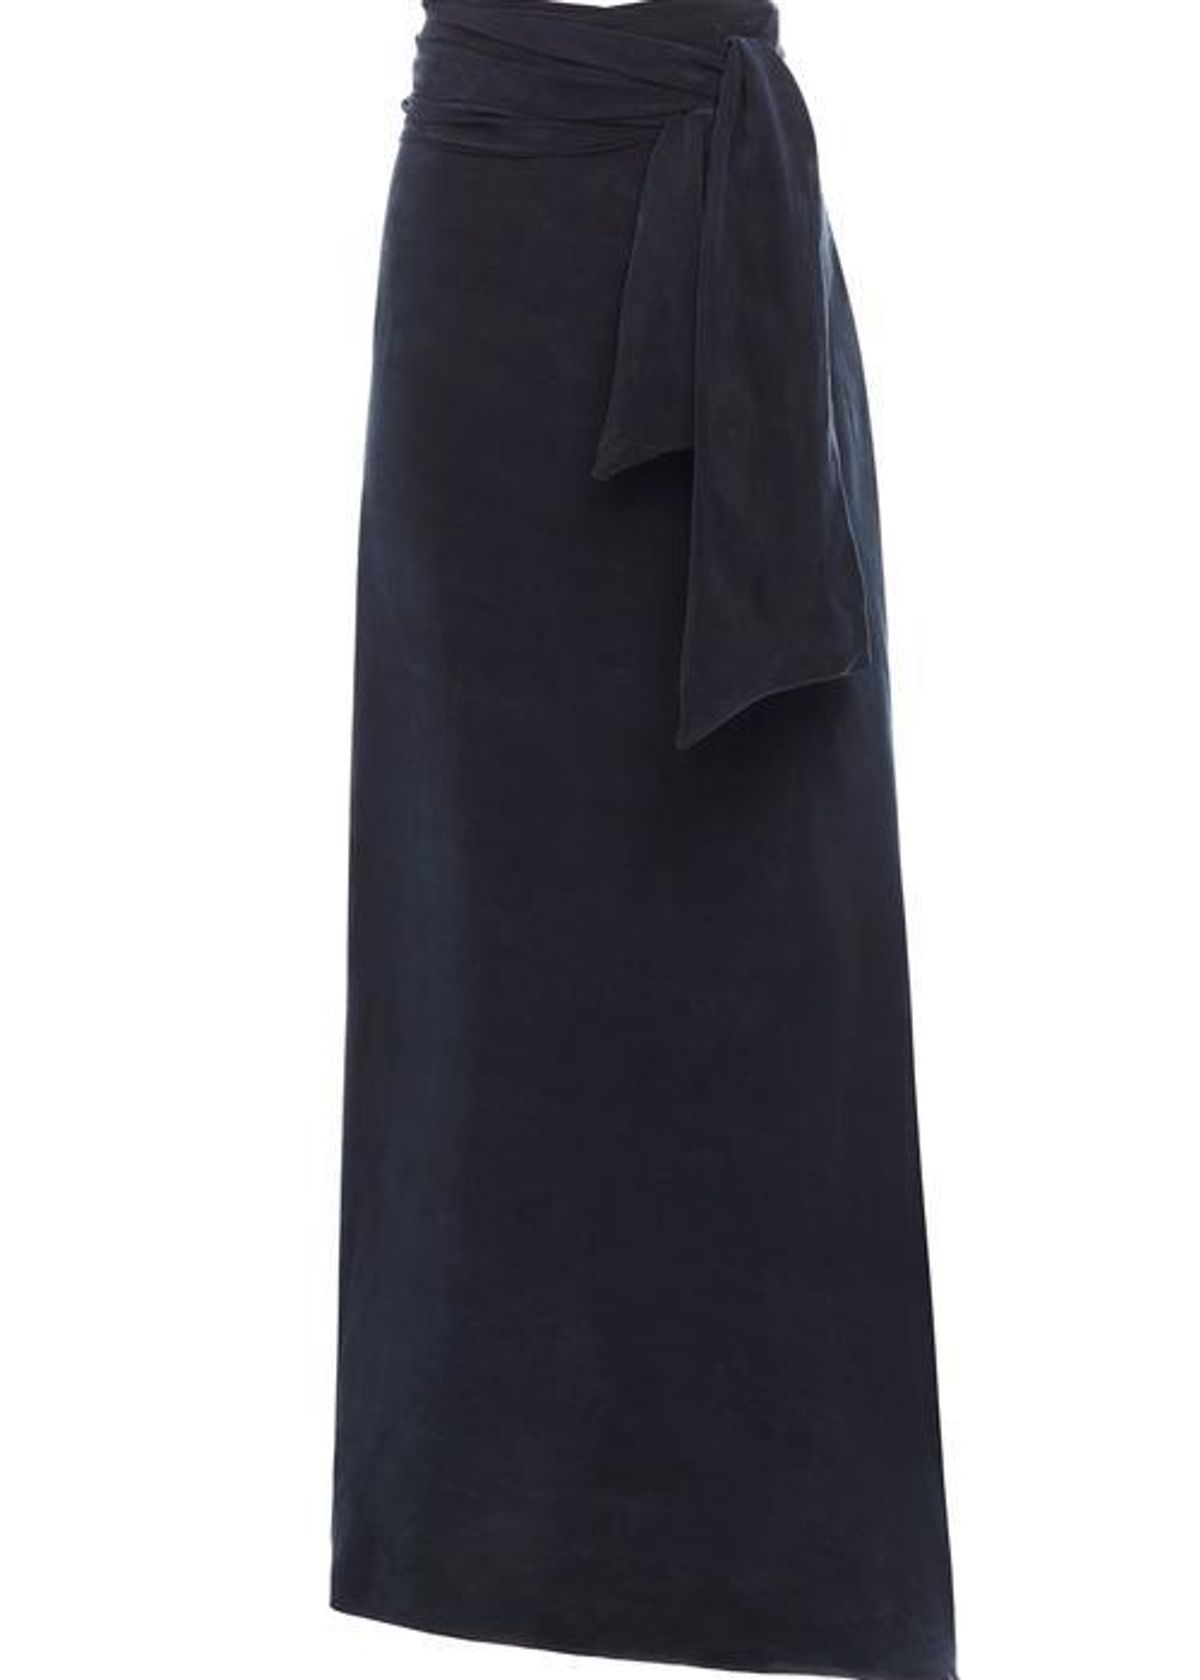 Mera Adjustable Skirt